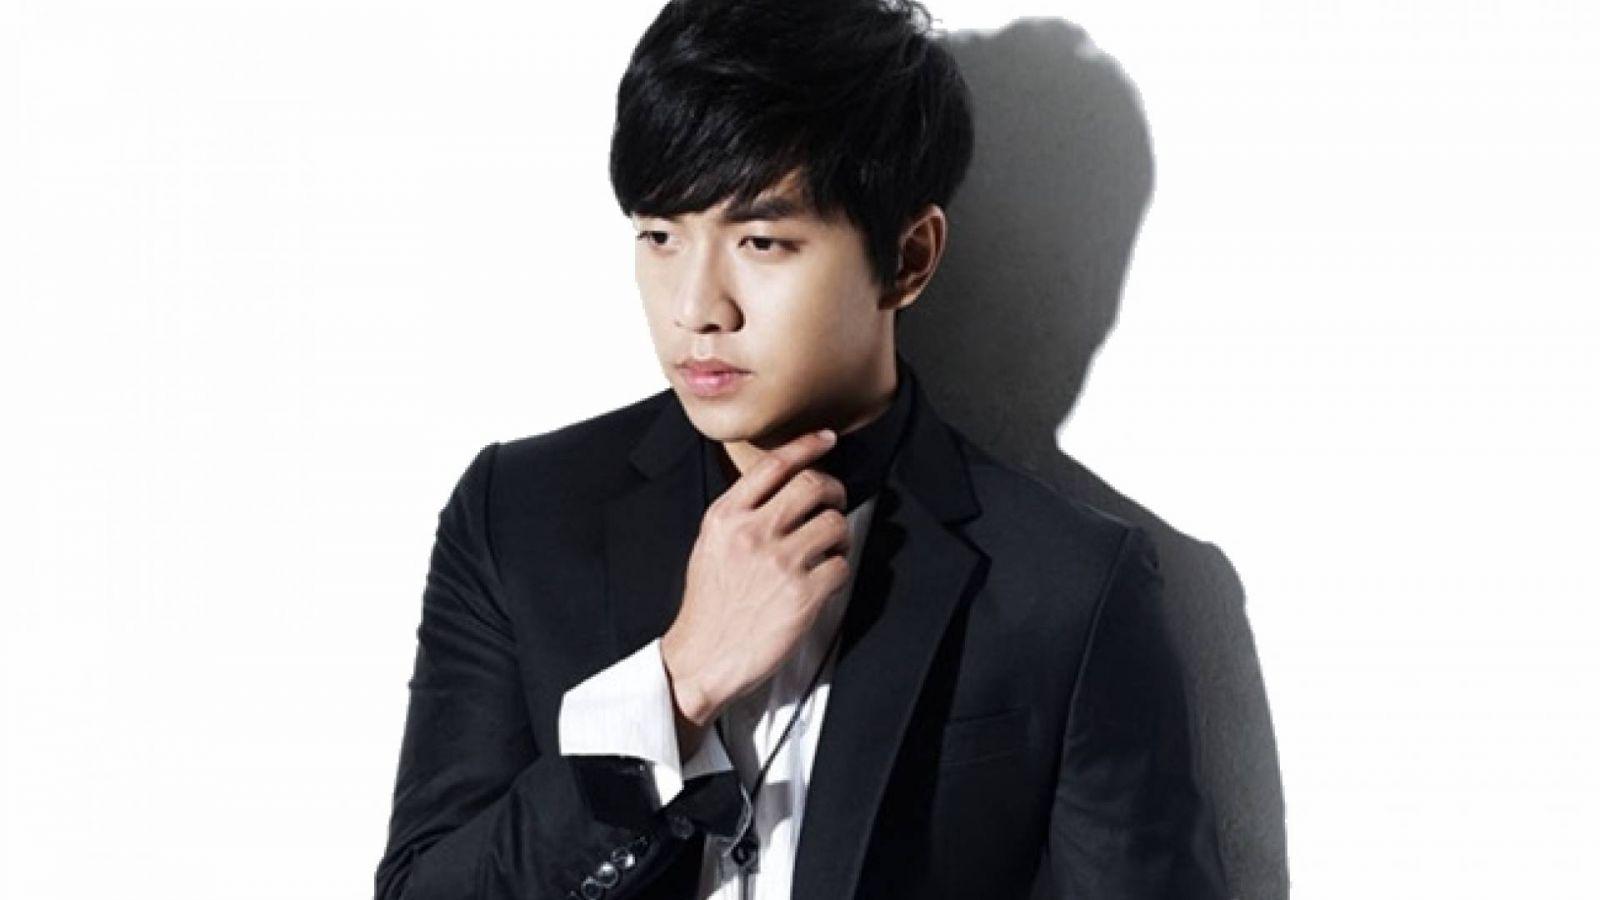 Lee Seung Gi concert this weekend! © Lee Seung Gi